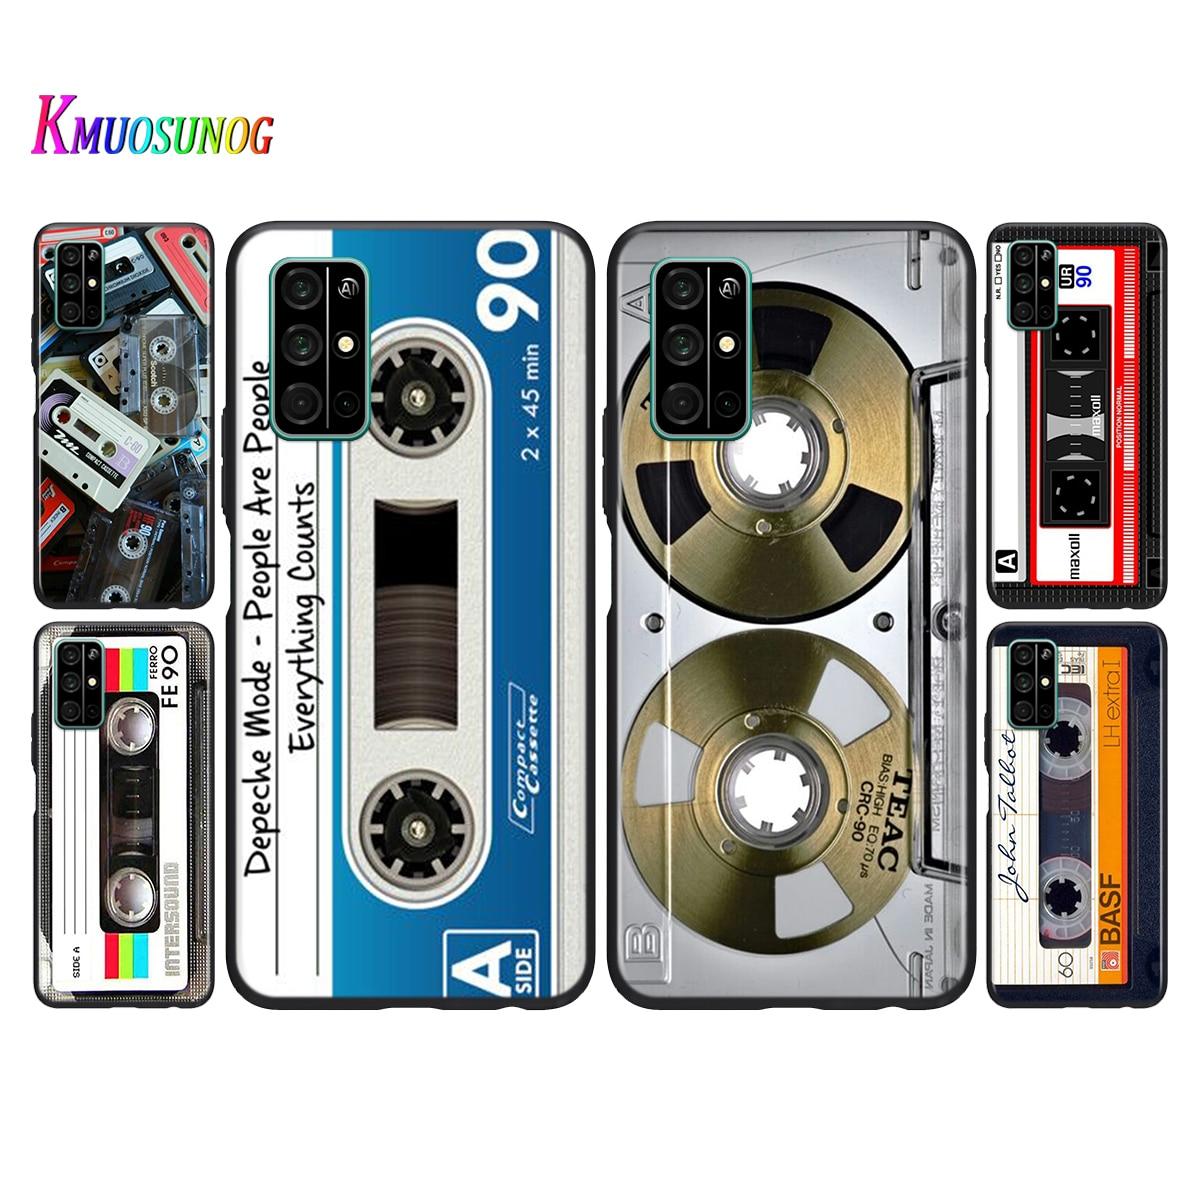 Estilo antigo fita cassete silicone caso de telefone para huawei honor 30 20 pro 10i 9c 9a 9 s 9x 8x 10 9 lite 8 8a 7a pro lite capa